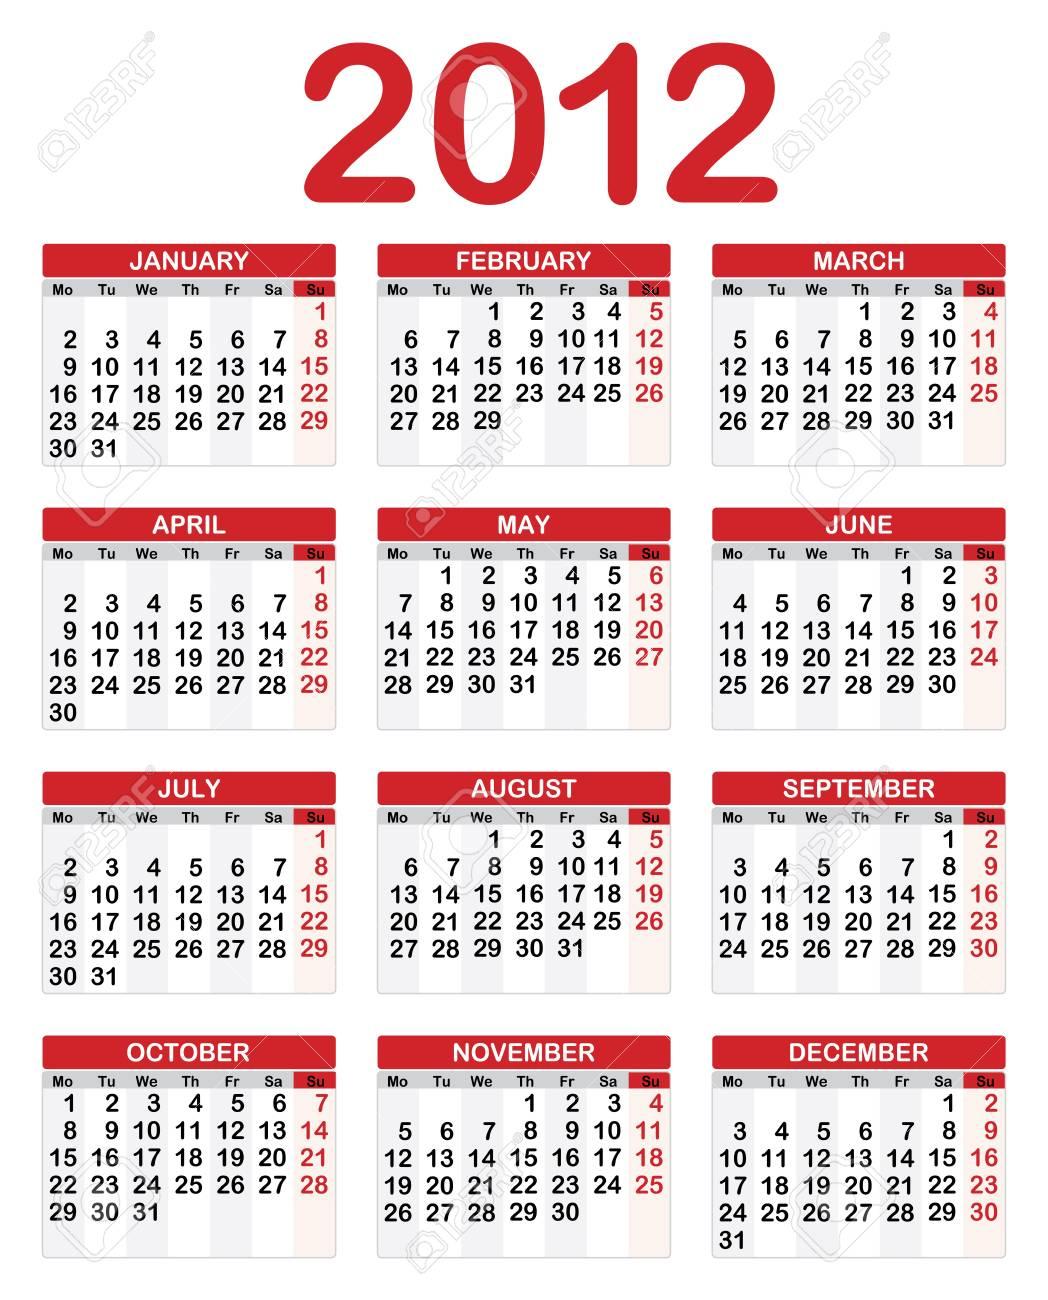 2012 Calendar Stock Vector - 10918253